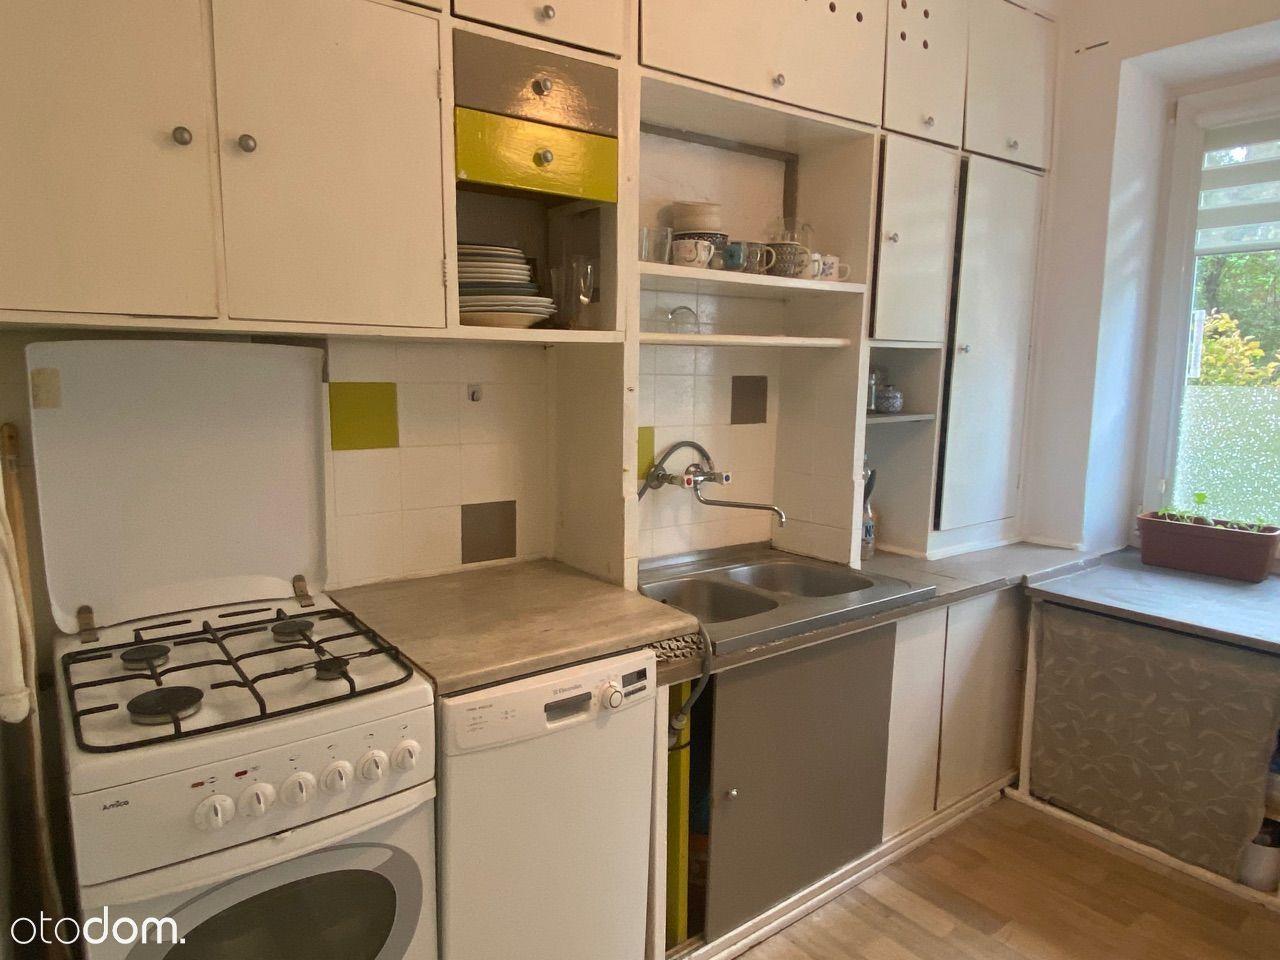 Mieszkanie 2 pokoje + kuchnia LSM ul.Grażyny, 10 m